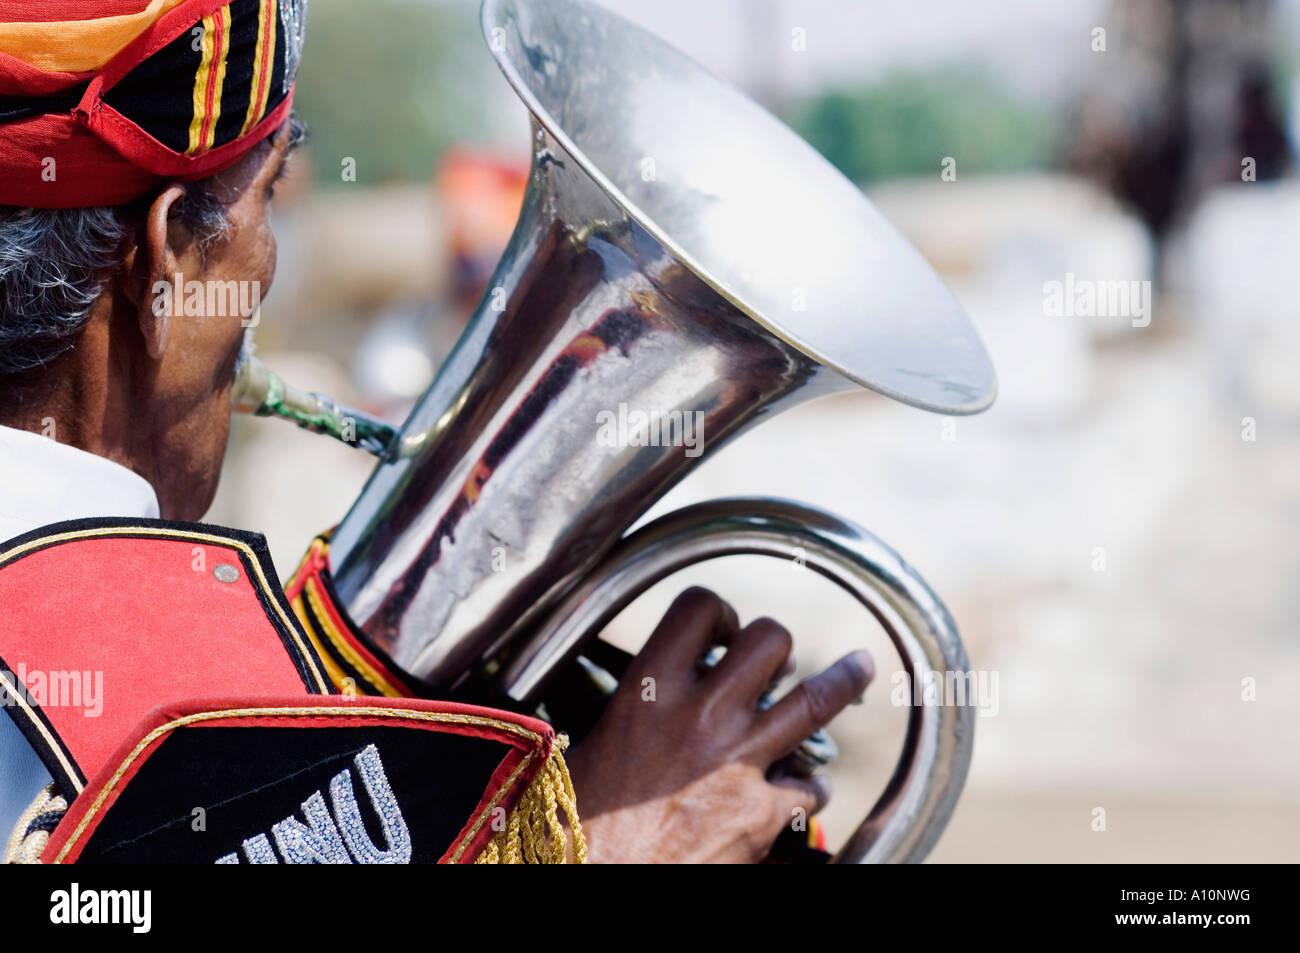 Vista posteriore di un uomo la riproduzione della tuba, Jaipur, Rajasthan, India Foto Stock